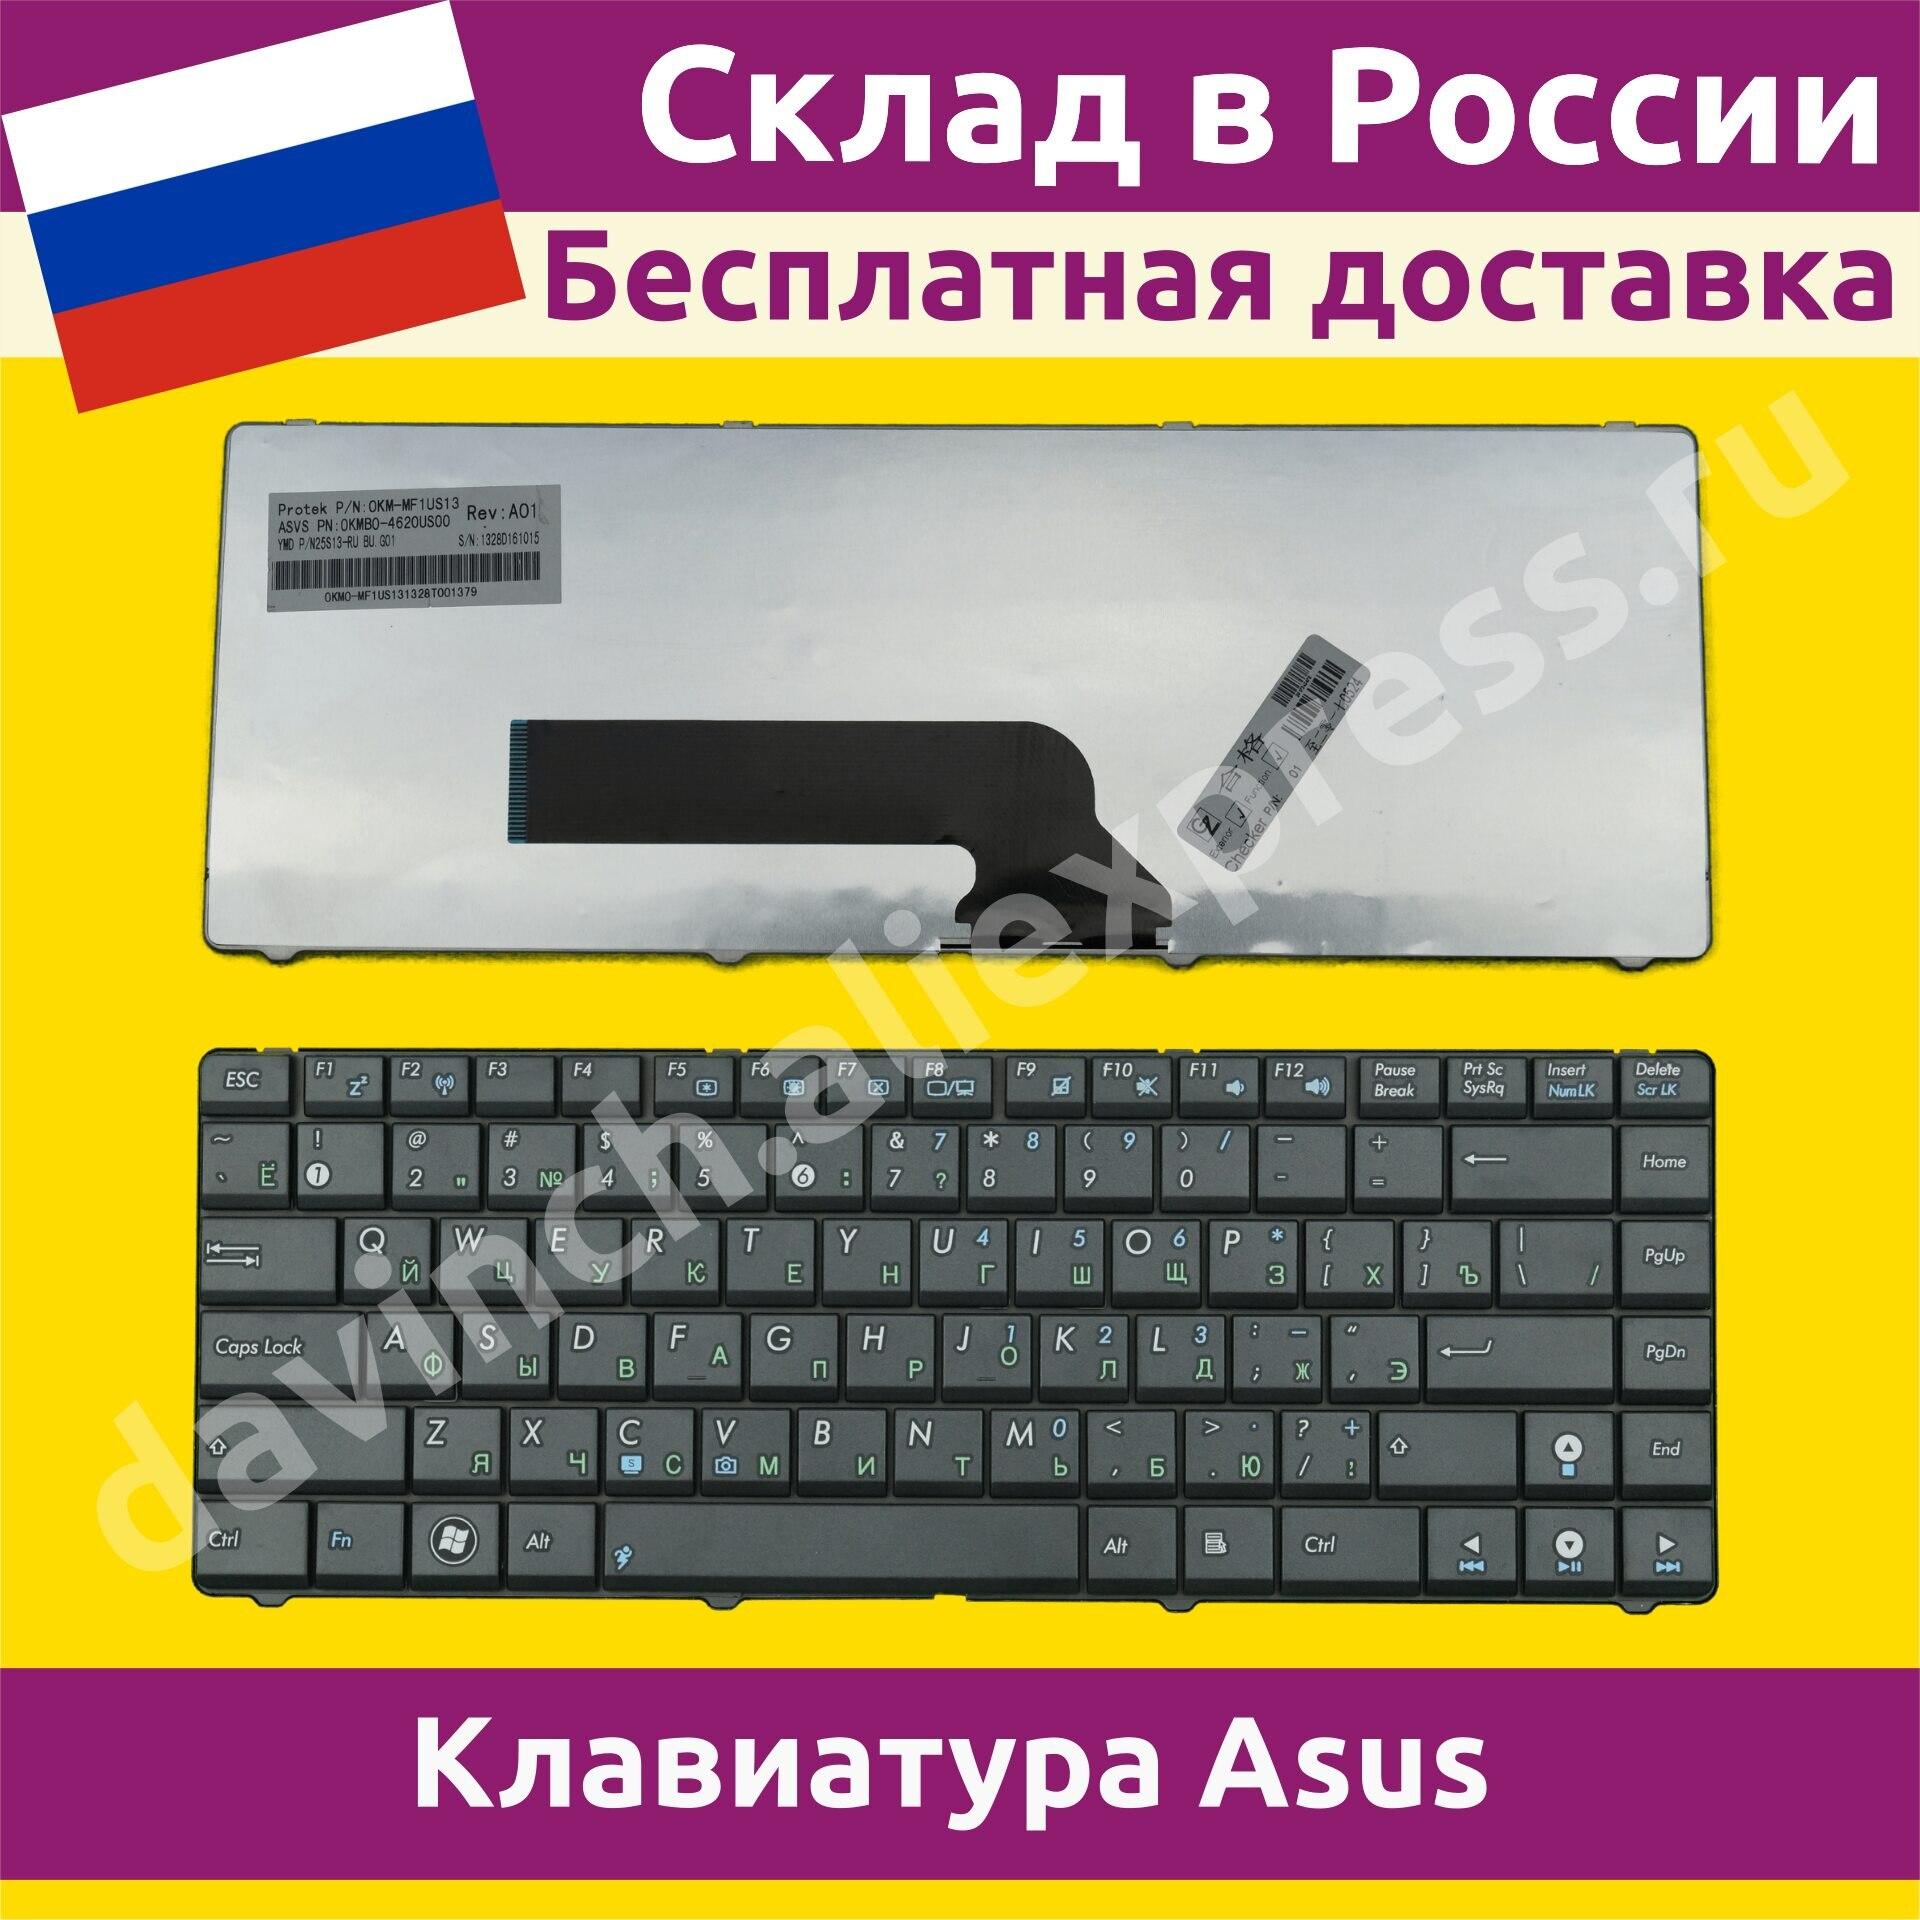 Клавиатура для ноутбука Asus MP-09H63SU-886 новая русская 010091f 10190